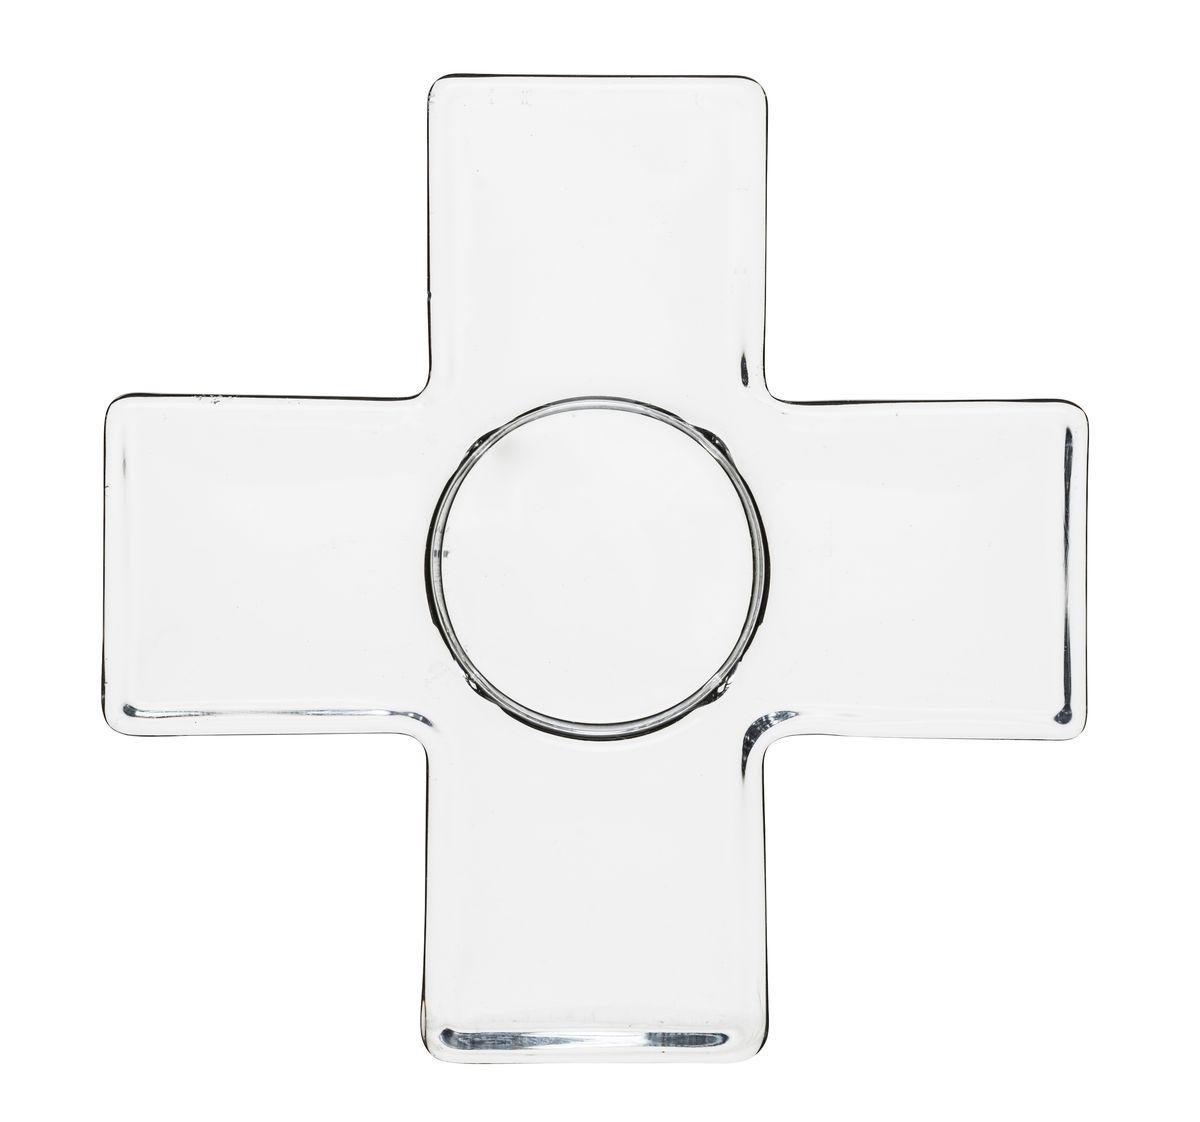 Подсвечник Sagaform, цвет: прозрачный, 12,5 х 2,3 см5017109Подсвечник Sagaform будет особенно радовать хозяйку с зажженными свечами. Подсвечник изготовлен из высококачественного стекла и предназначен для одной свечи, которая устанавливается в специальное отверстие посередине изделия. Такой подсвечник, выполненный в виде креста, позволит вам украсить интерьер дома или рабочего кабинета оригинальным образом. Вы сможете не просто внести в интерьер своего дома элемент необычности, но и создать атмосферу загадочности и изысканности. Оригинальный скандинавский дизайн сделает подсвечник желанным подарком! Диаметр отверстия для свечи: 4 см.